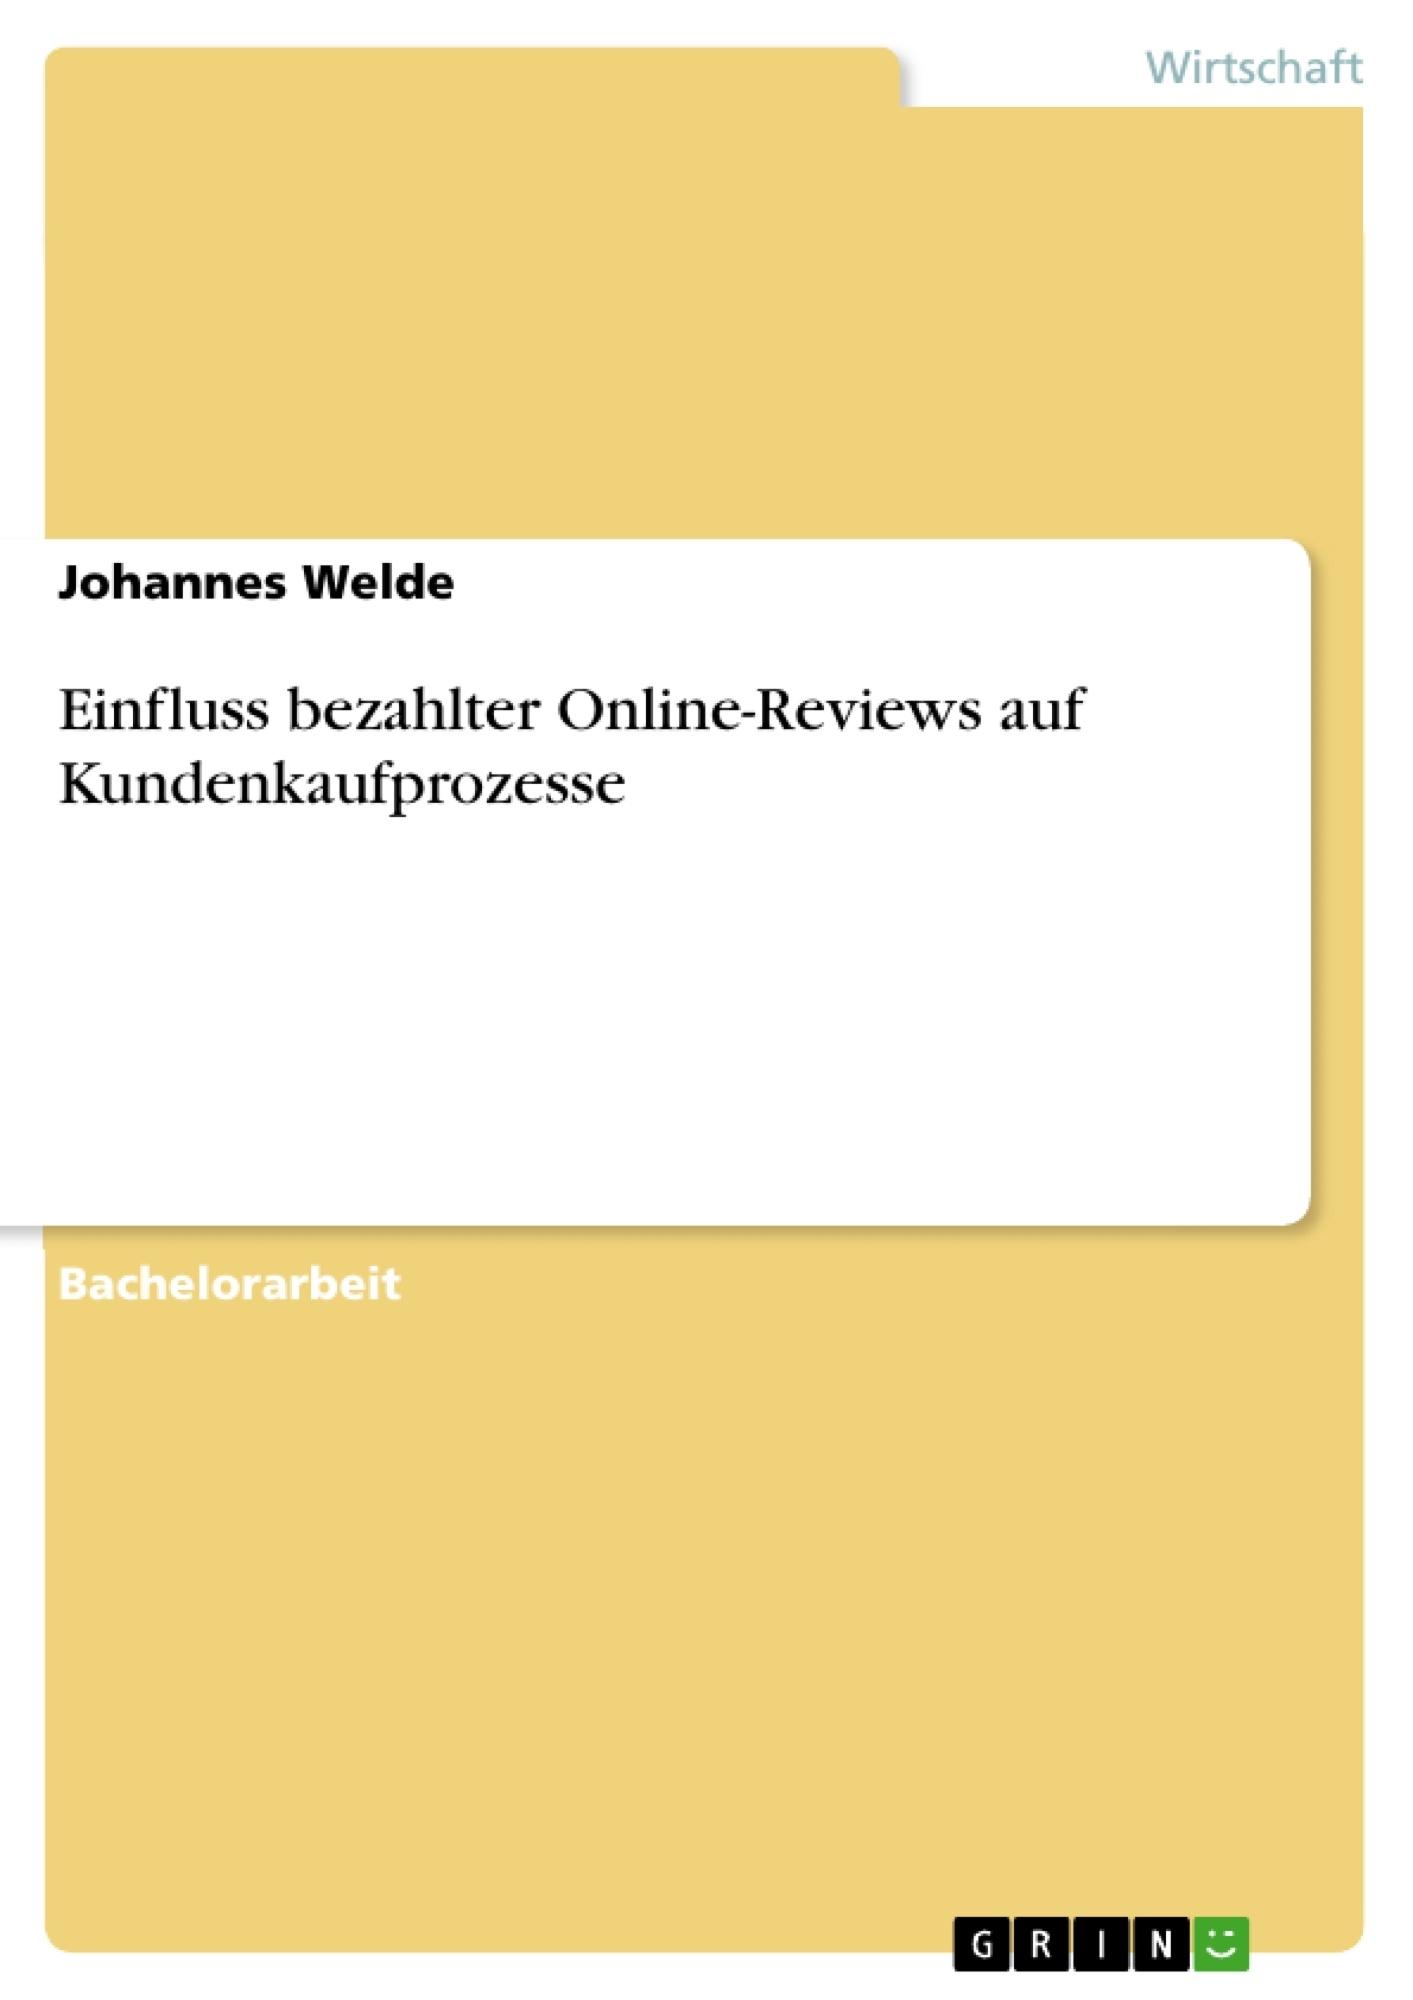 Titel: Einfluss bezahlter Online-Reviews auf Kundenkaufprozesse